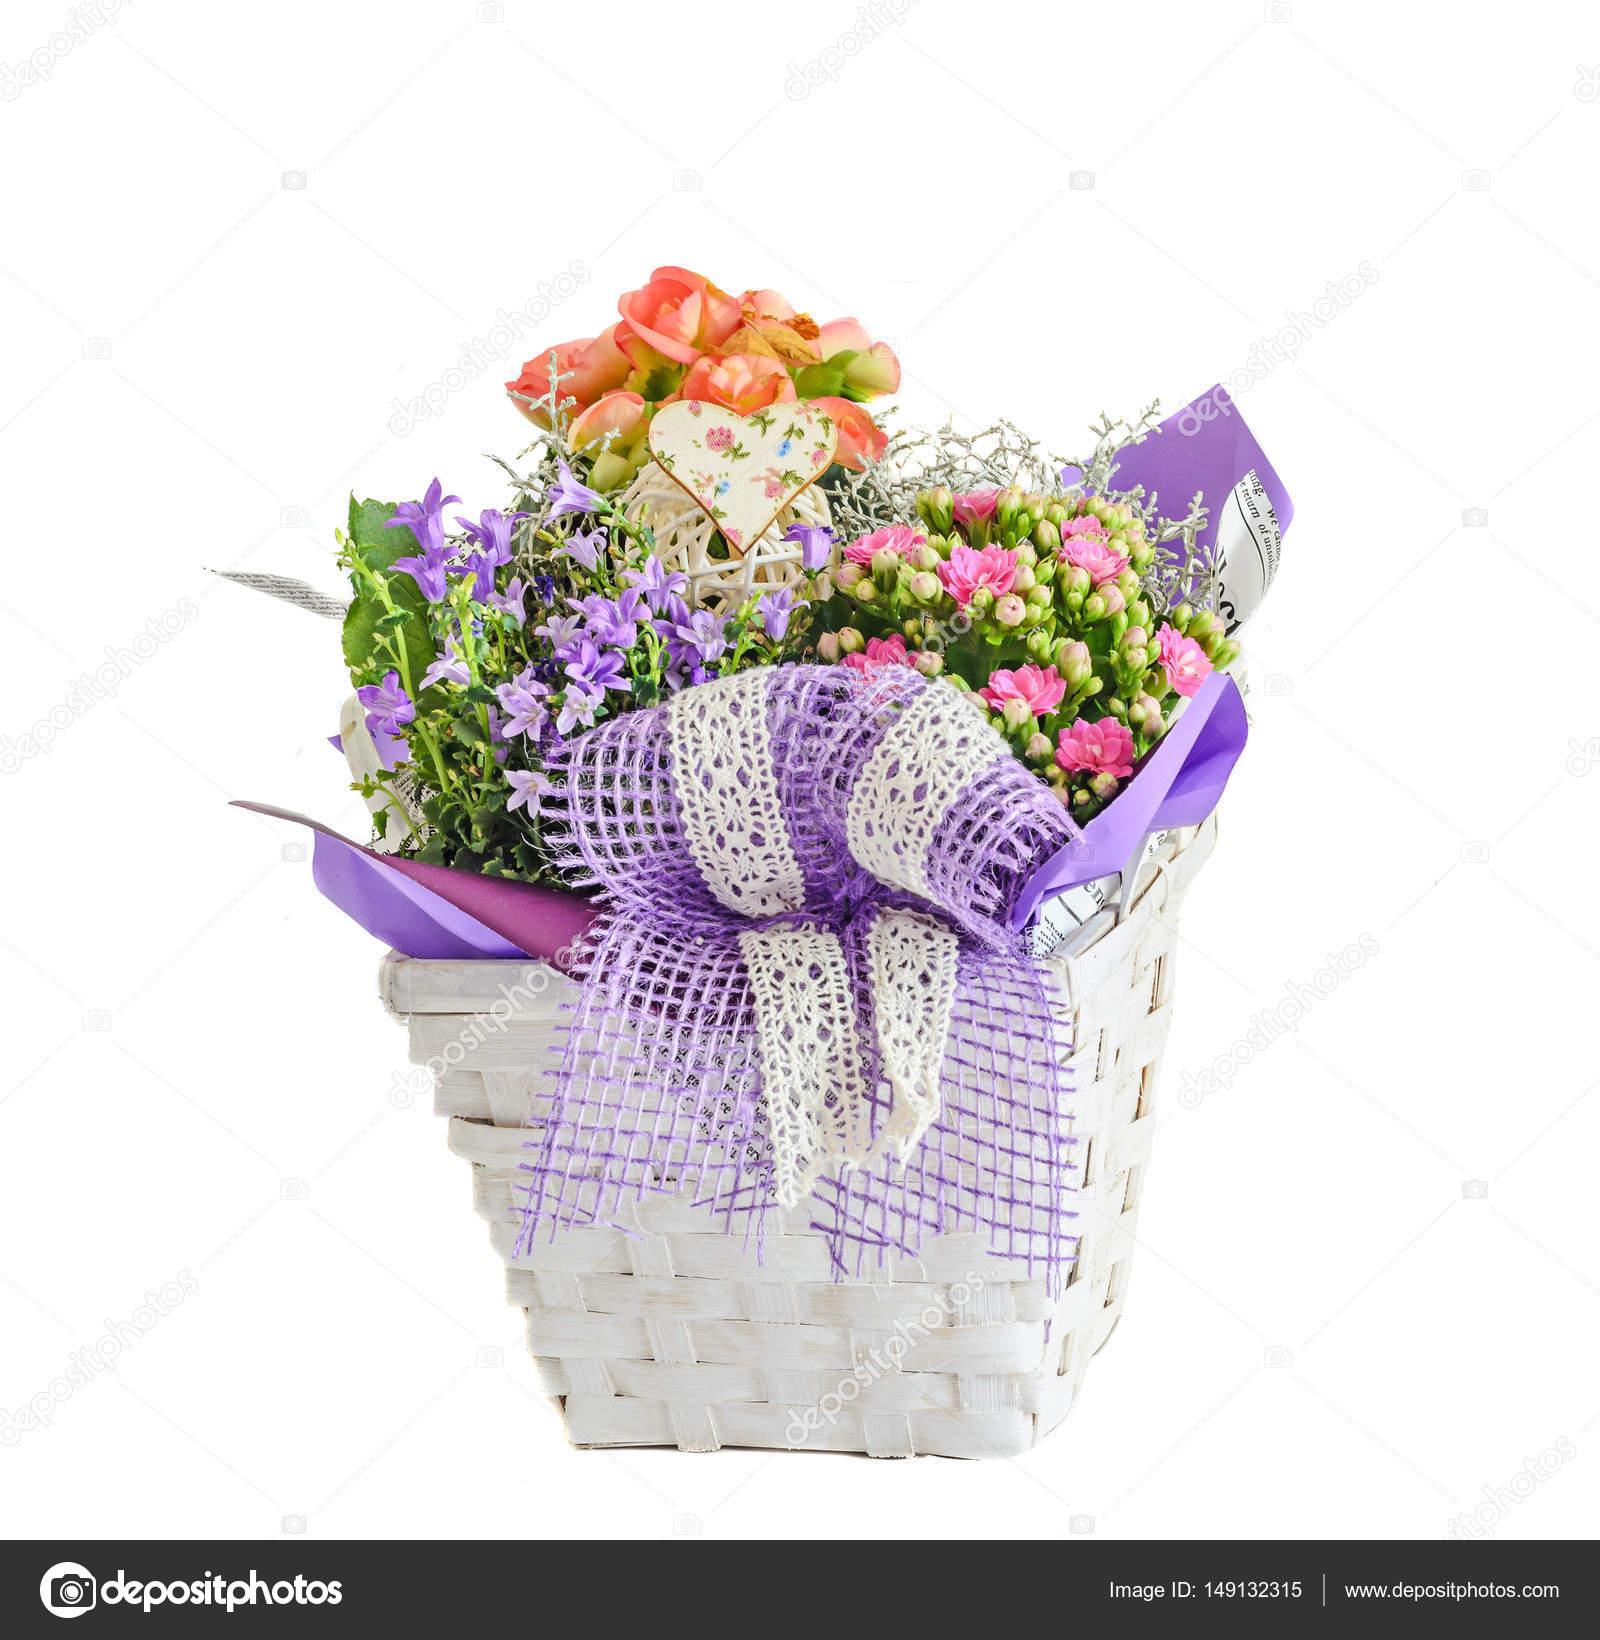 Arreglo Floral En Canasta Blanca Con Flores De Malva